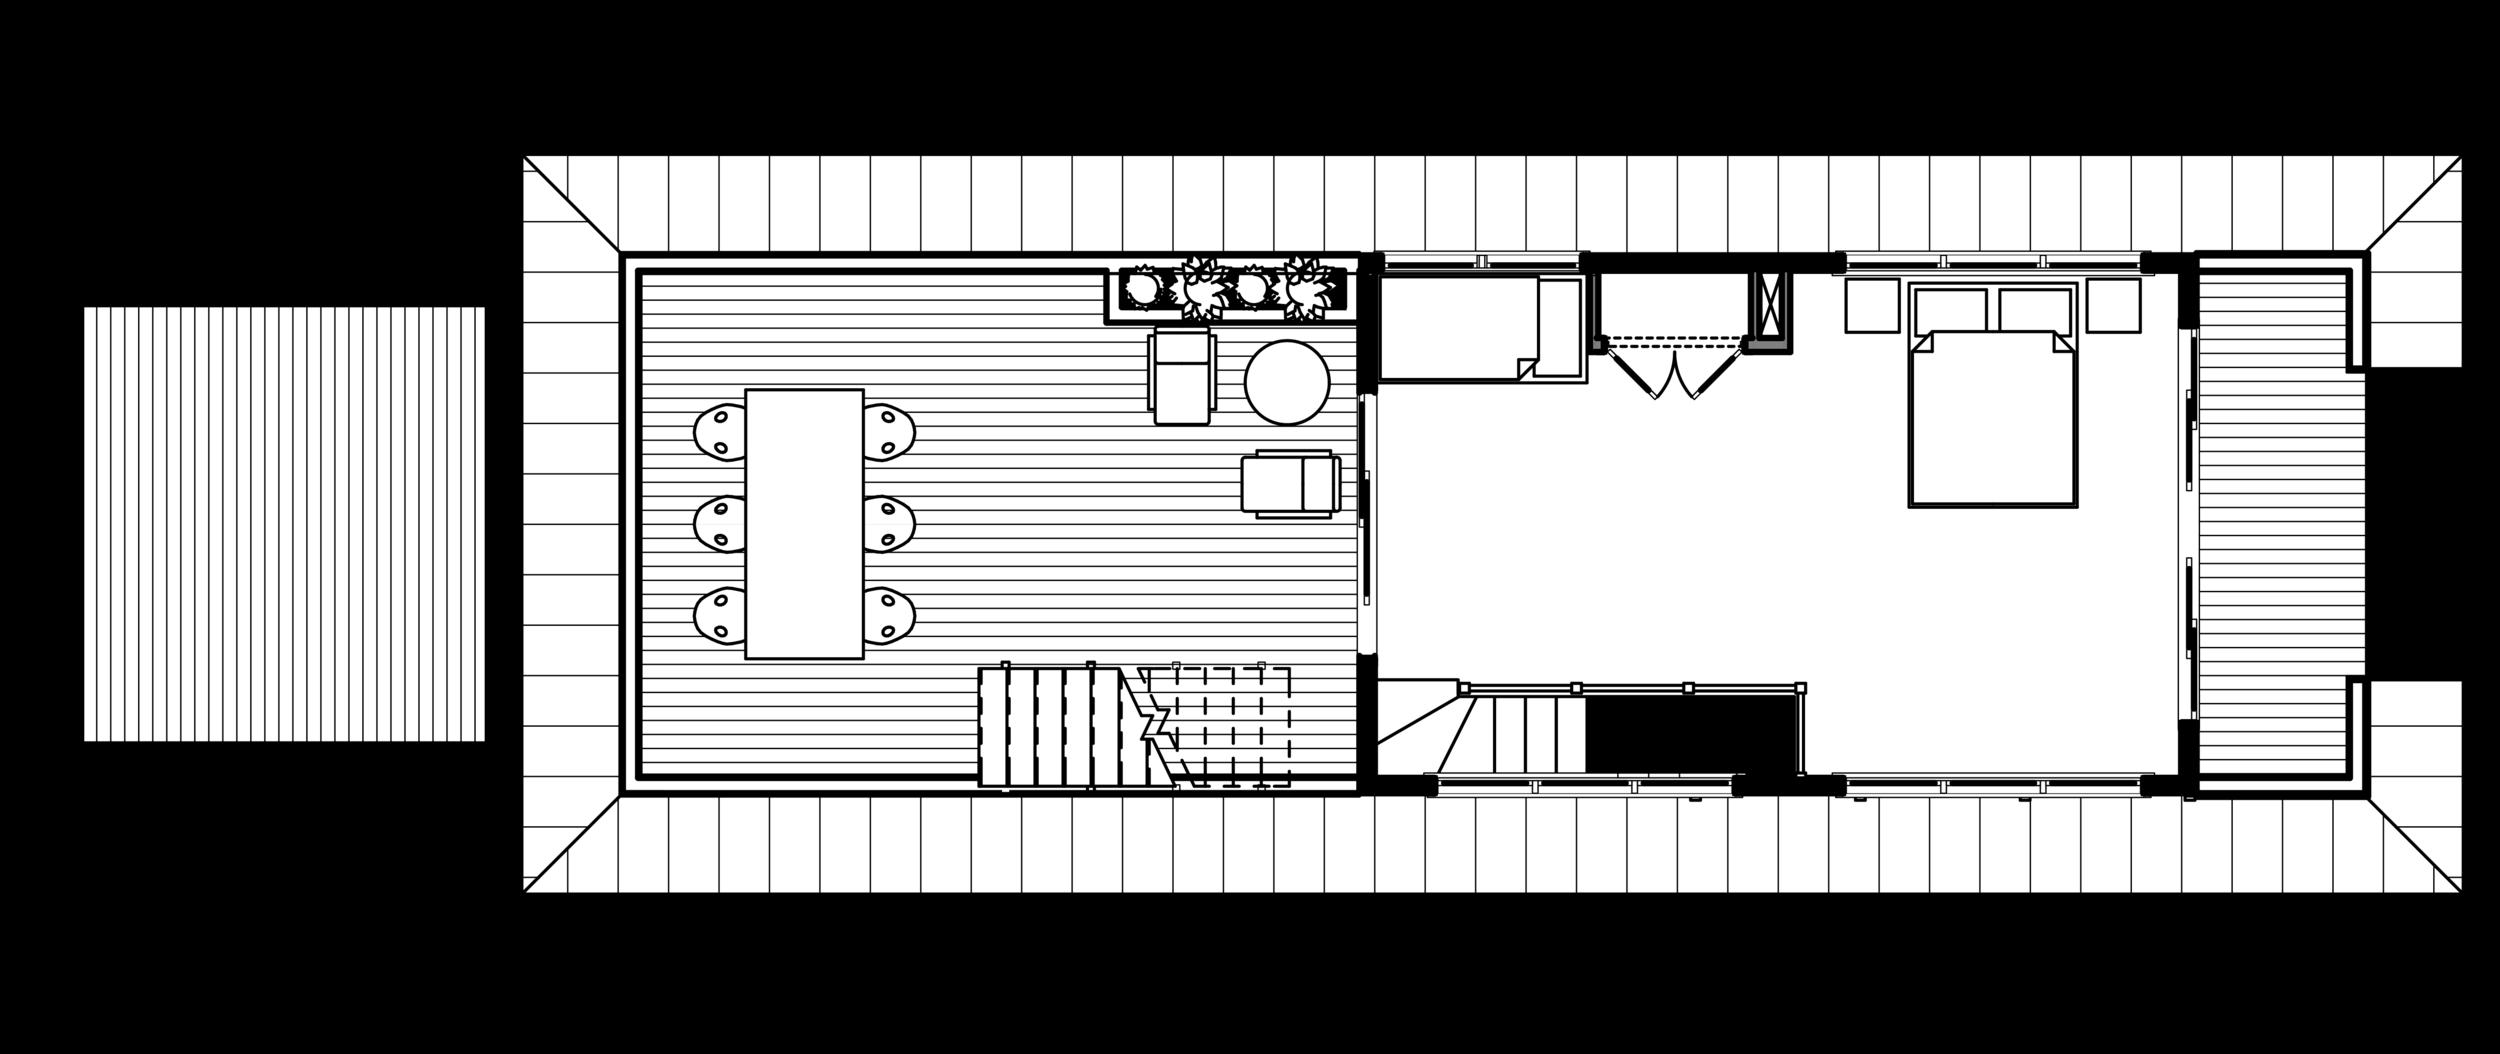 Center Deck